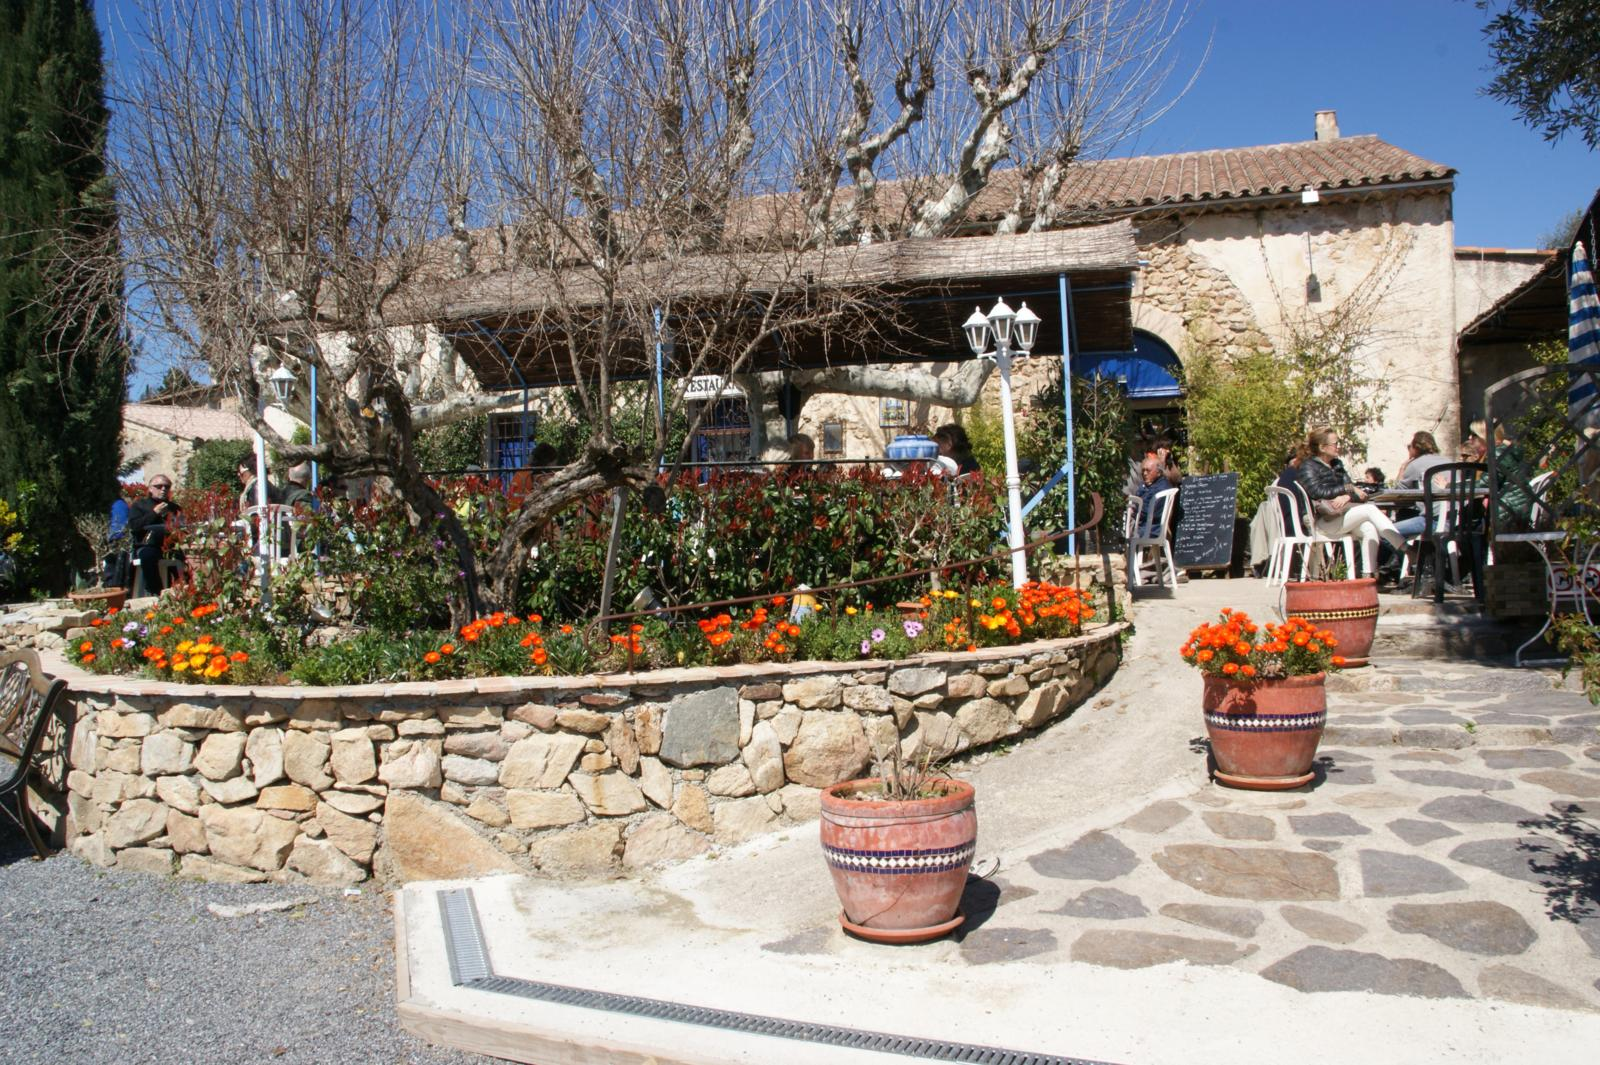 Genießem und Sonne tanken - im provencalischen Lokal